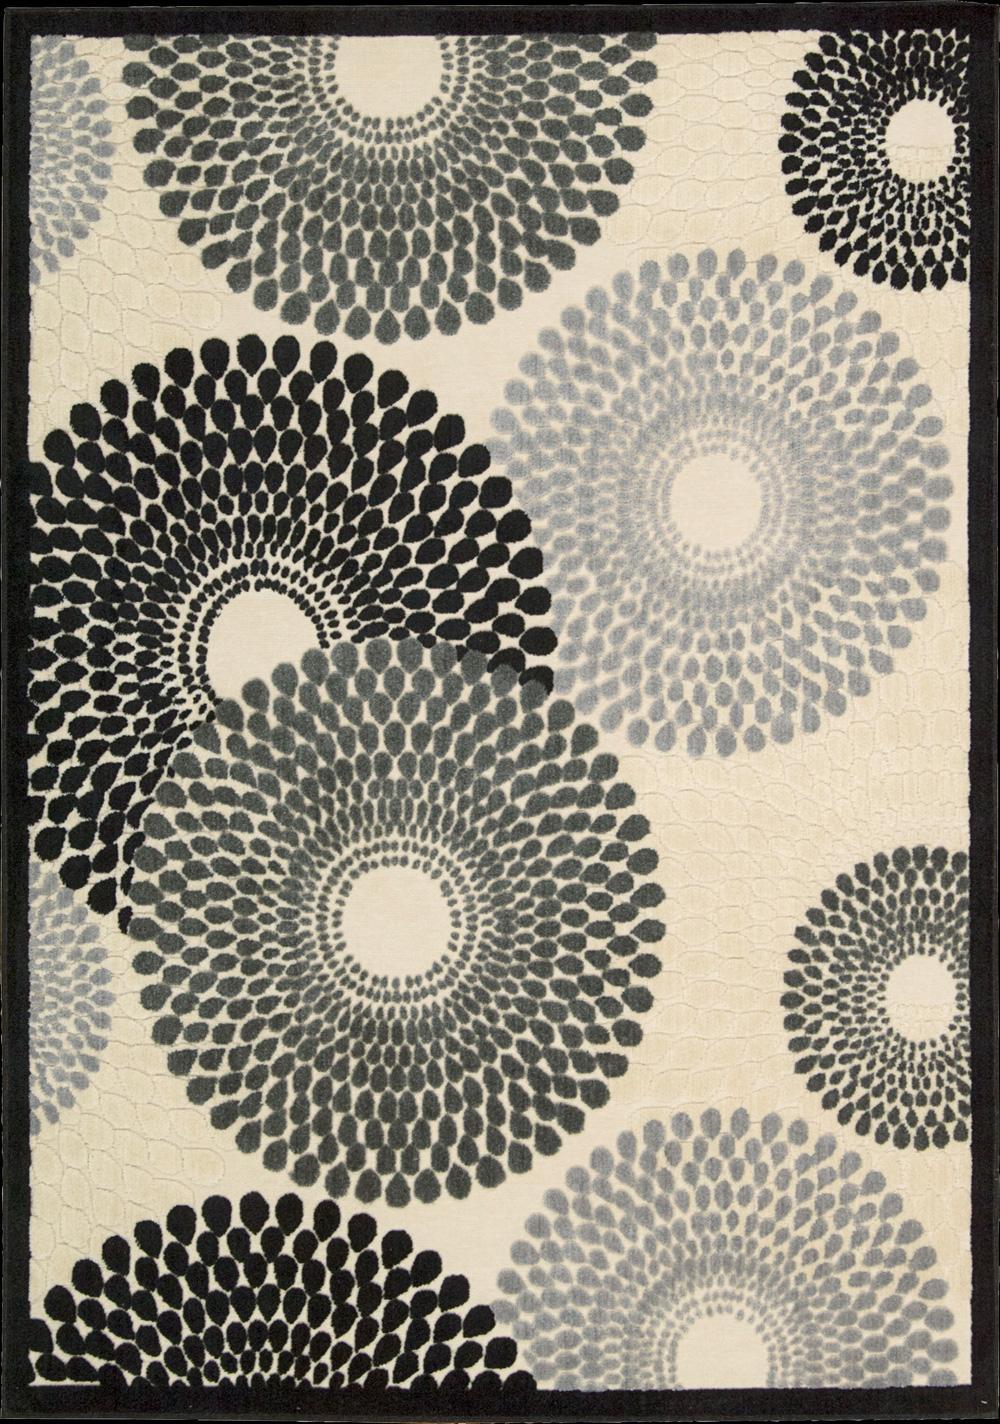 """Nourison Graphic Illusions Area Rug 3'6"""" x 5'6"""" - Item Number: 11809"""